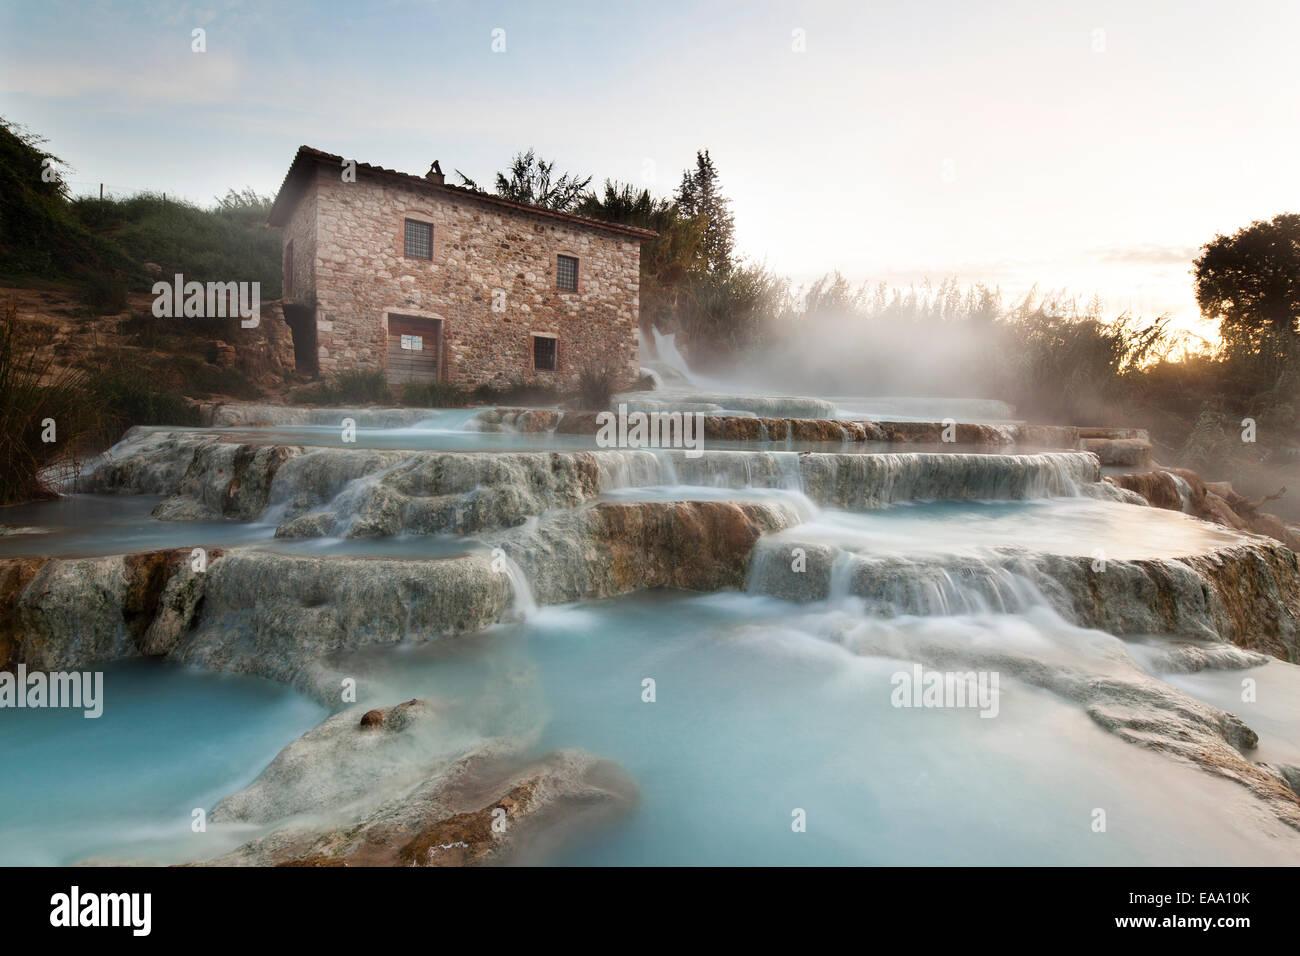 Cascate del Mulino in Saturnia, Tuscany Stock Photo